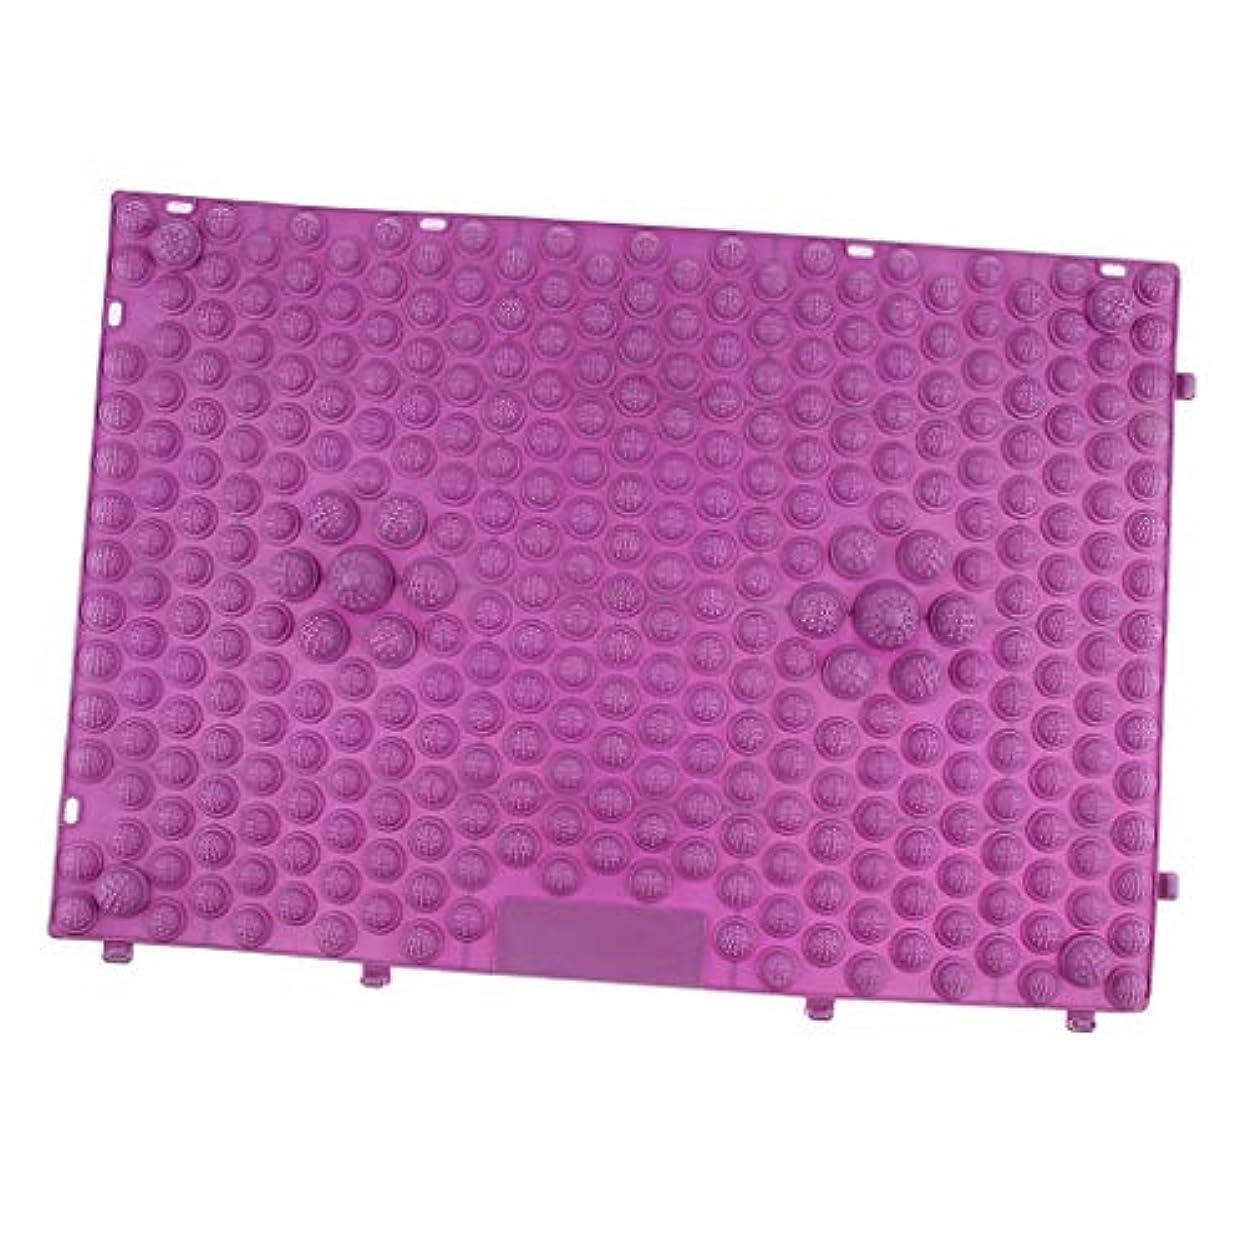 健康的煙かび臭いdailymall フットマッサージ マット マッサージパッド マッサージシート 疲労和らげ 多色選べ - 紫